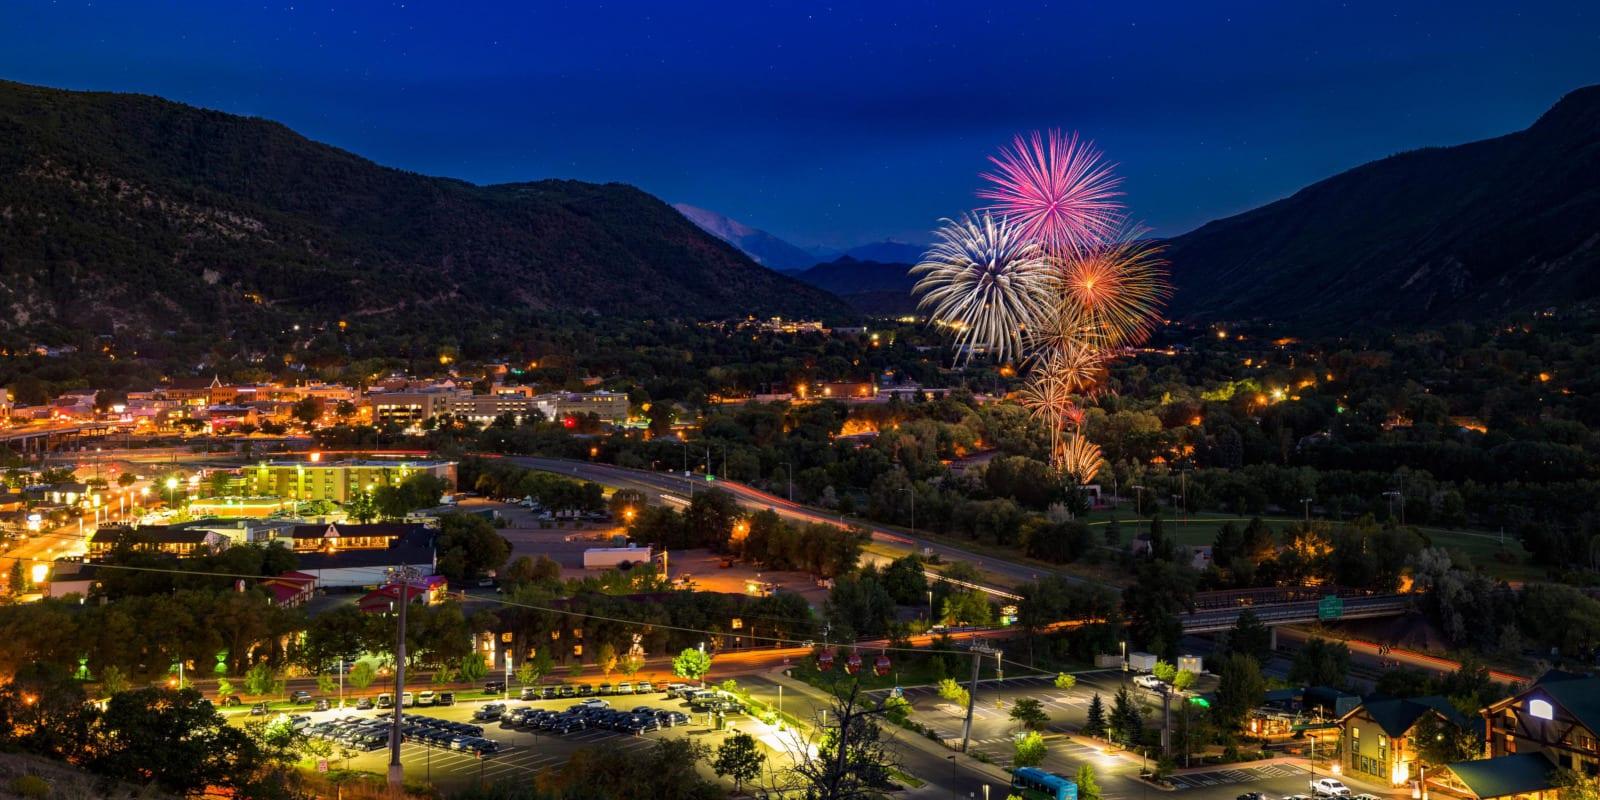 Strawberry Days Festival Fireworks Glenwood Springs CO